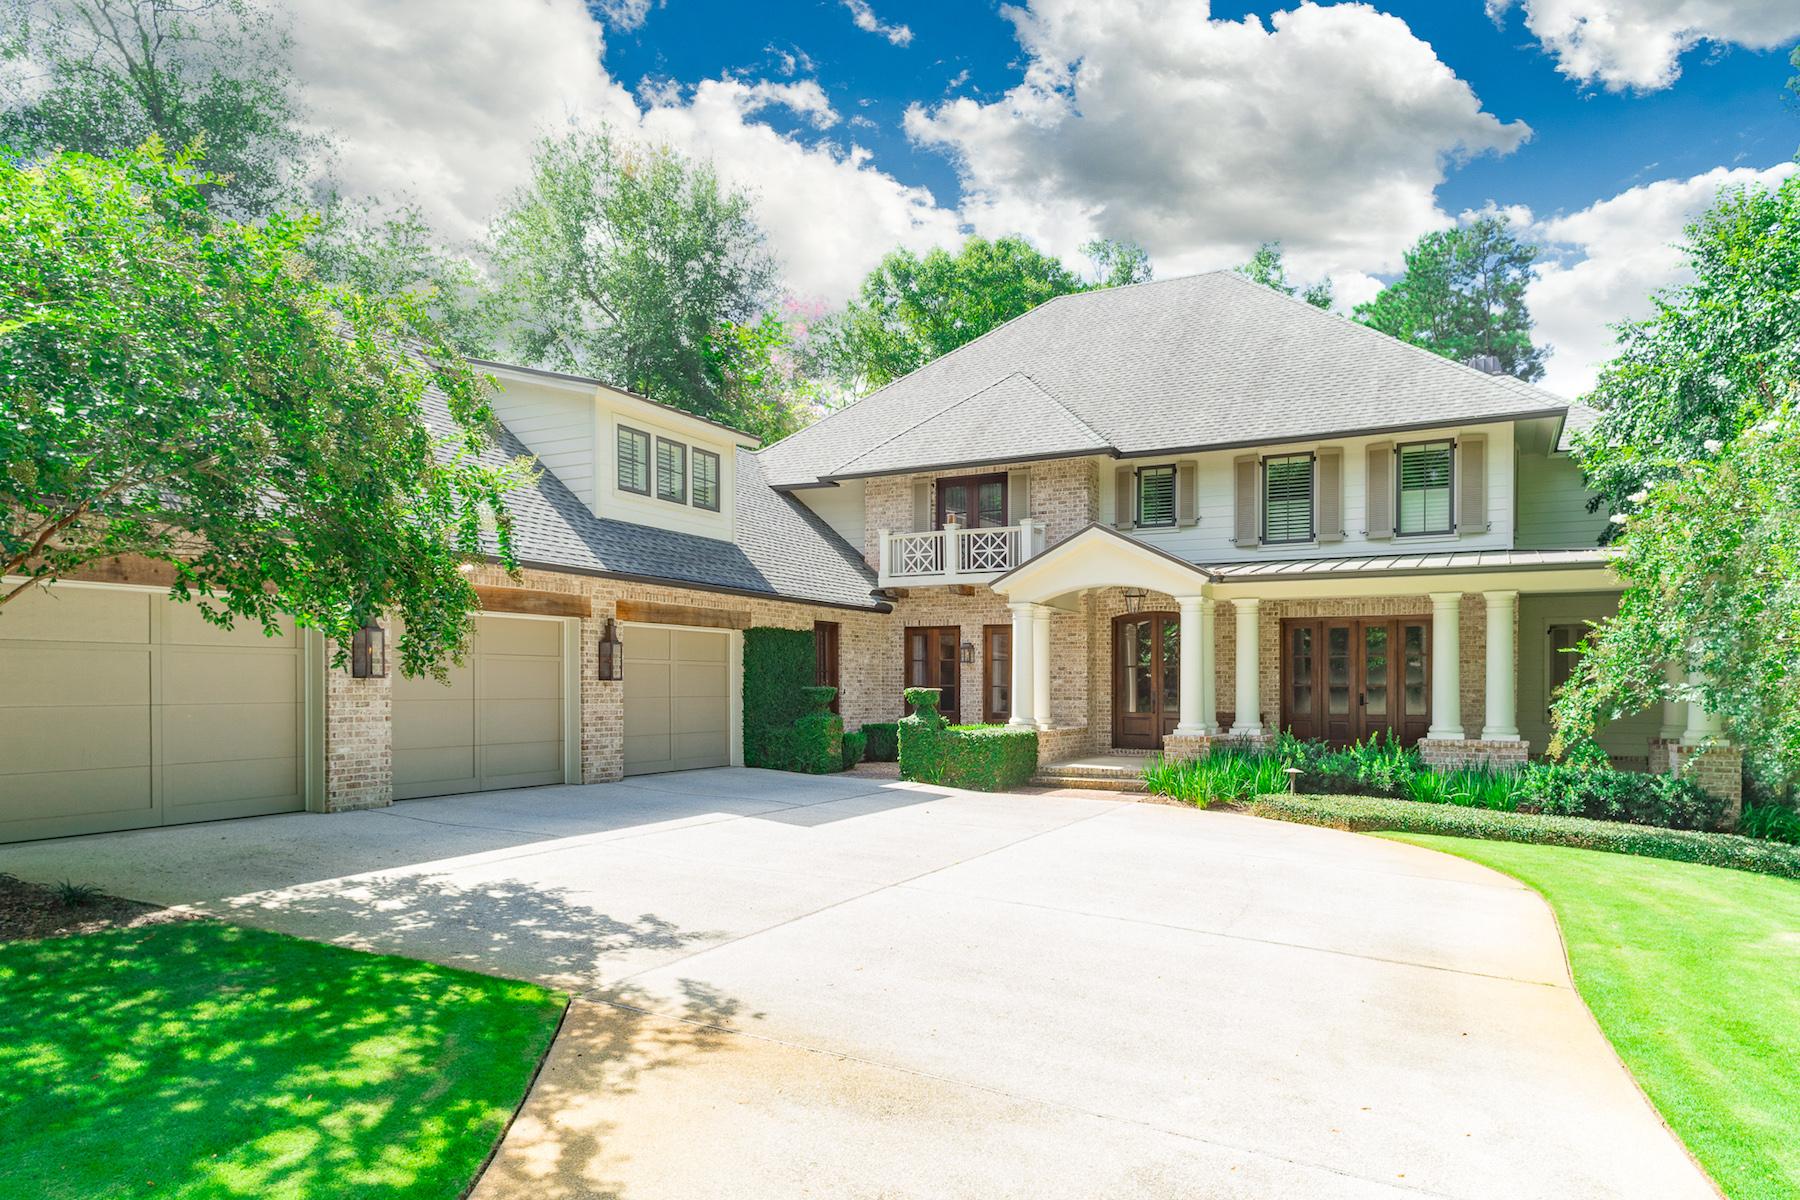 Casa Unifamiliar por un Venta en Rosewood Lane 10166 Rosewood Lane Daphne, Alabama, 36526 Estados Unidos